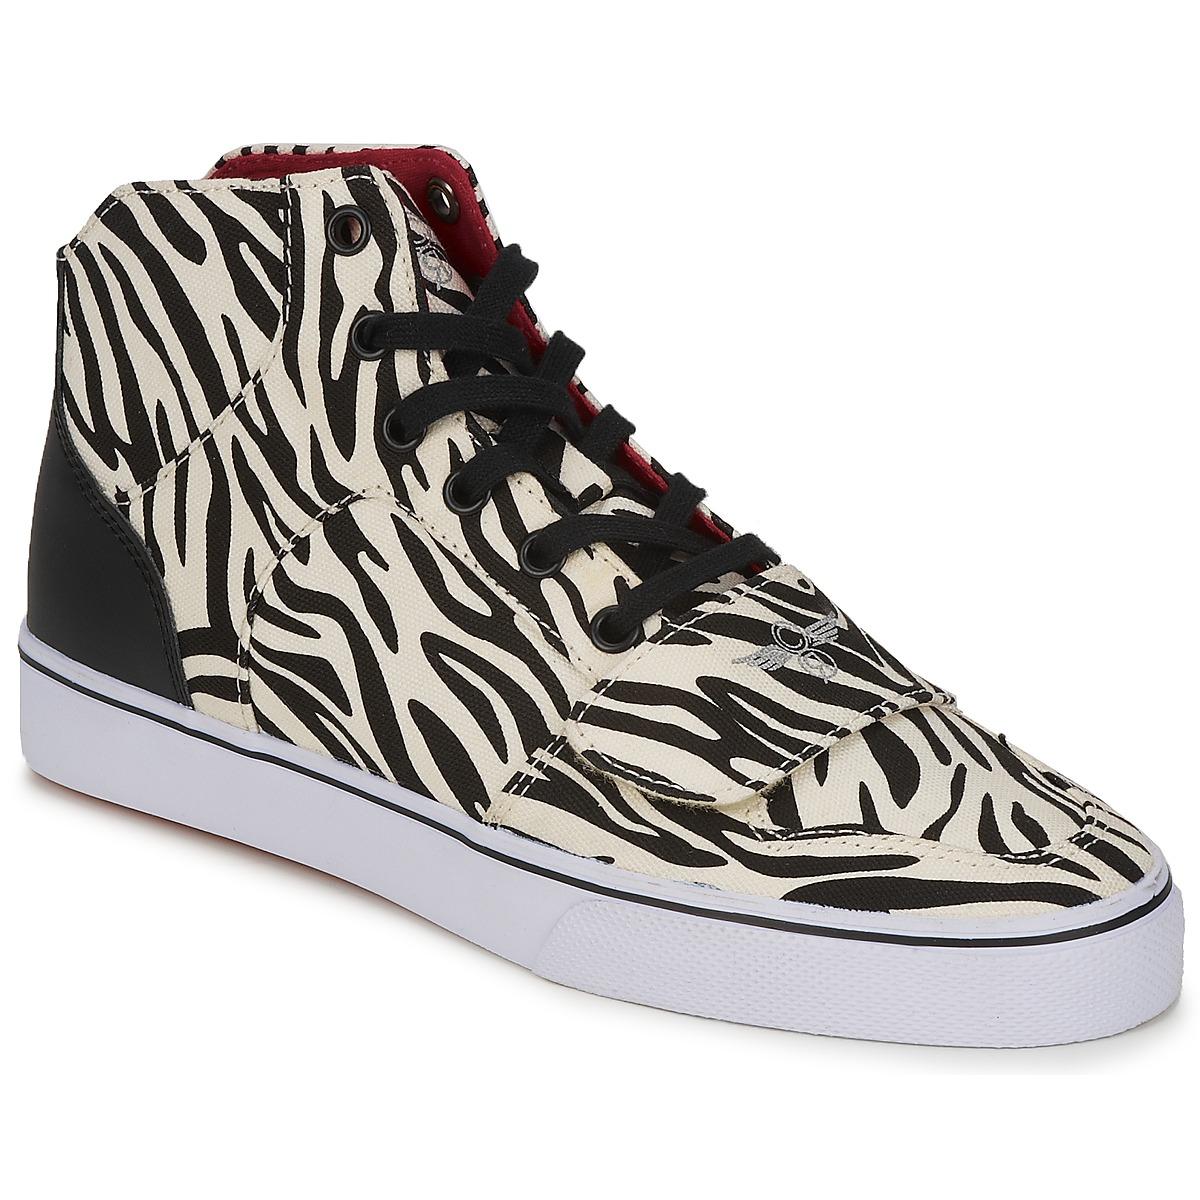 Creative Recreation W CESARIO XVI M Olive / gelb - Kostenloser Versand bei Spartoode ! - Schuhe Sneaker High Damen 44,50 €